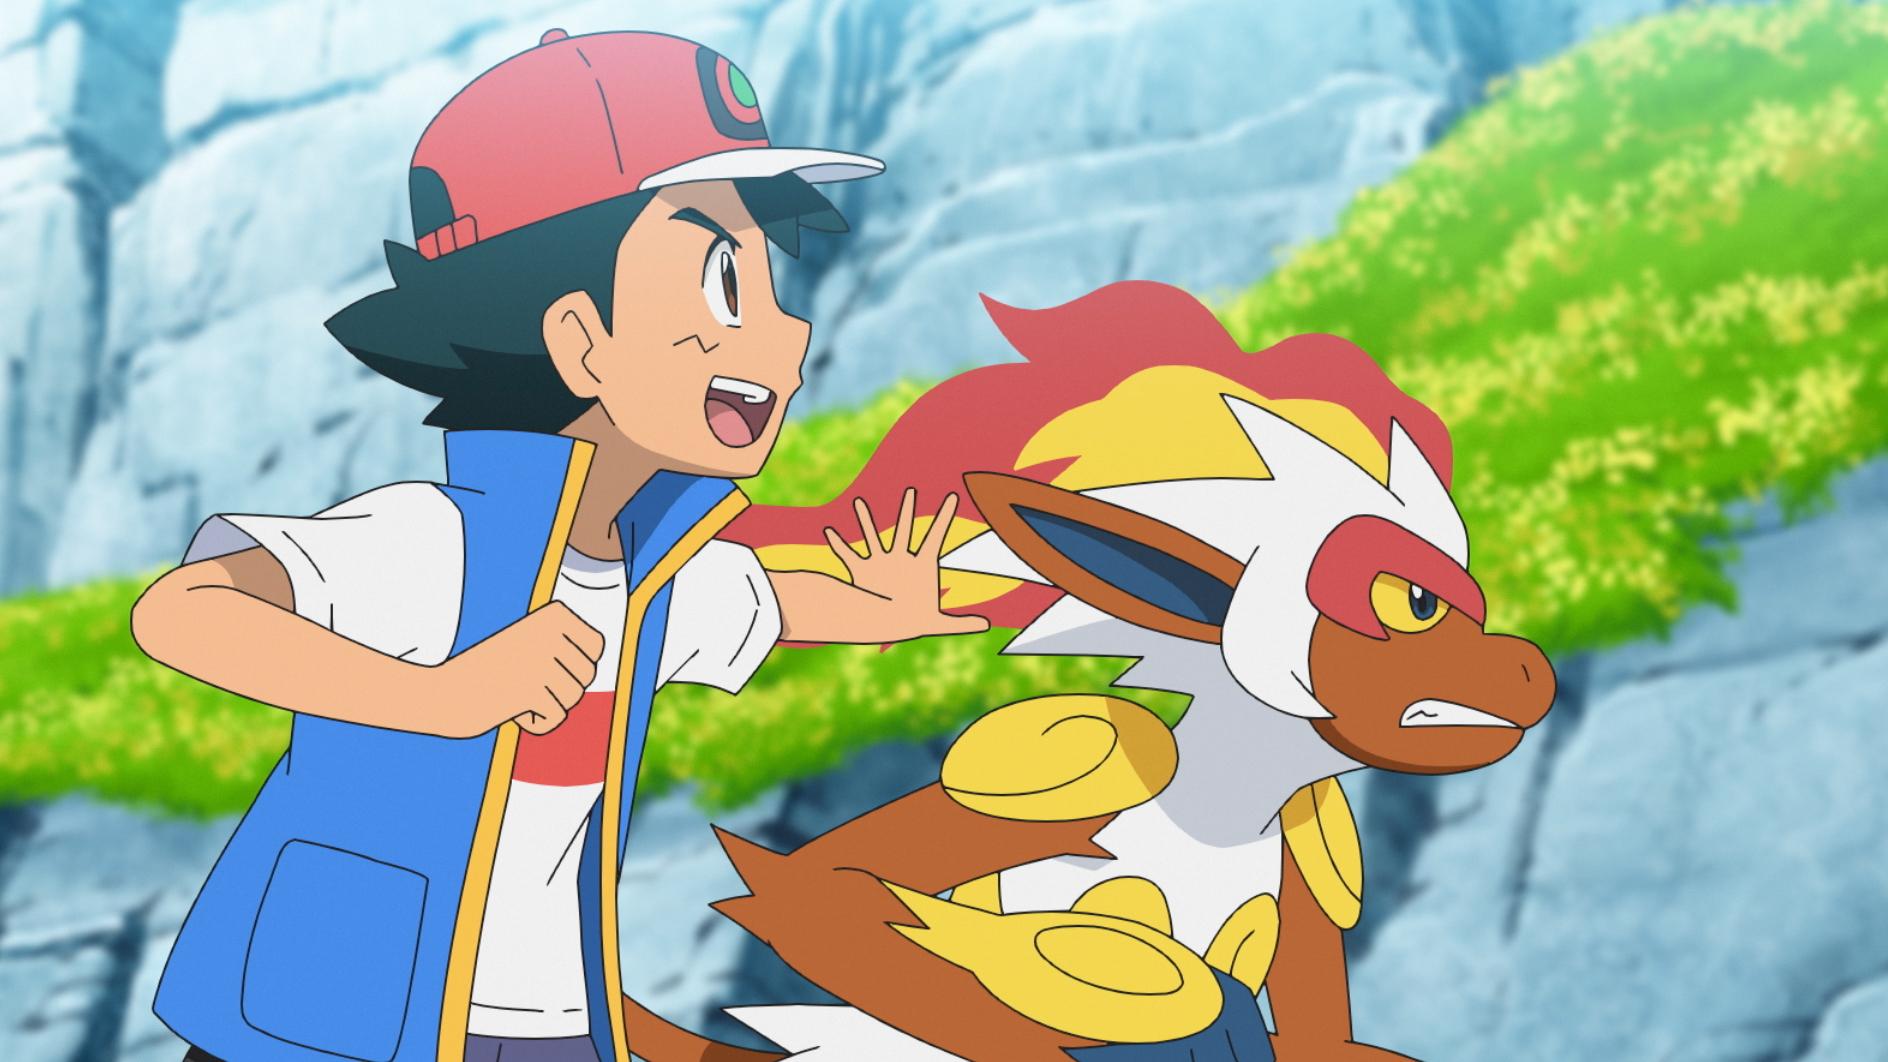 サトシ&ゴウカザル (C) Nintendo・Creatures・GAME FREAK・TV Tokyo・ShoPro・JR Kikaku (C)  Pokémon